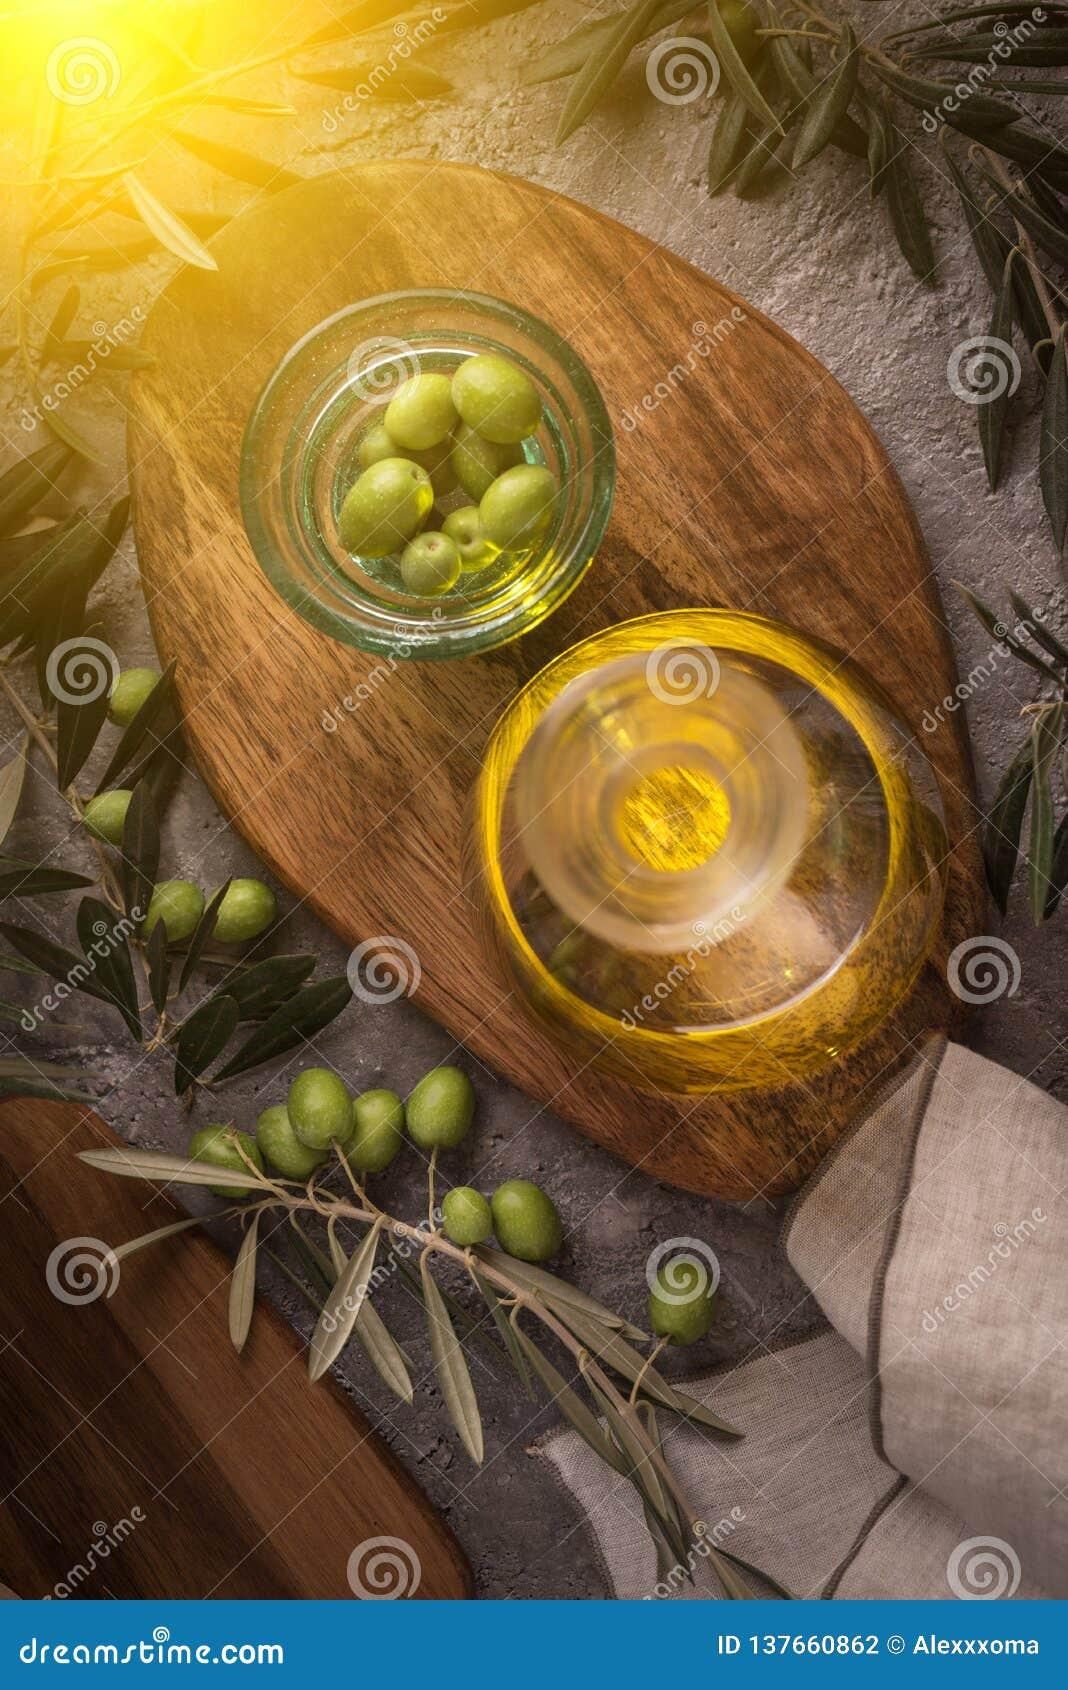 Azeite virgem extra na garrafa de vidro com ramo das azeitonas no fundo rústico baixa chave com brilho do sol do lado esquerdo